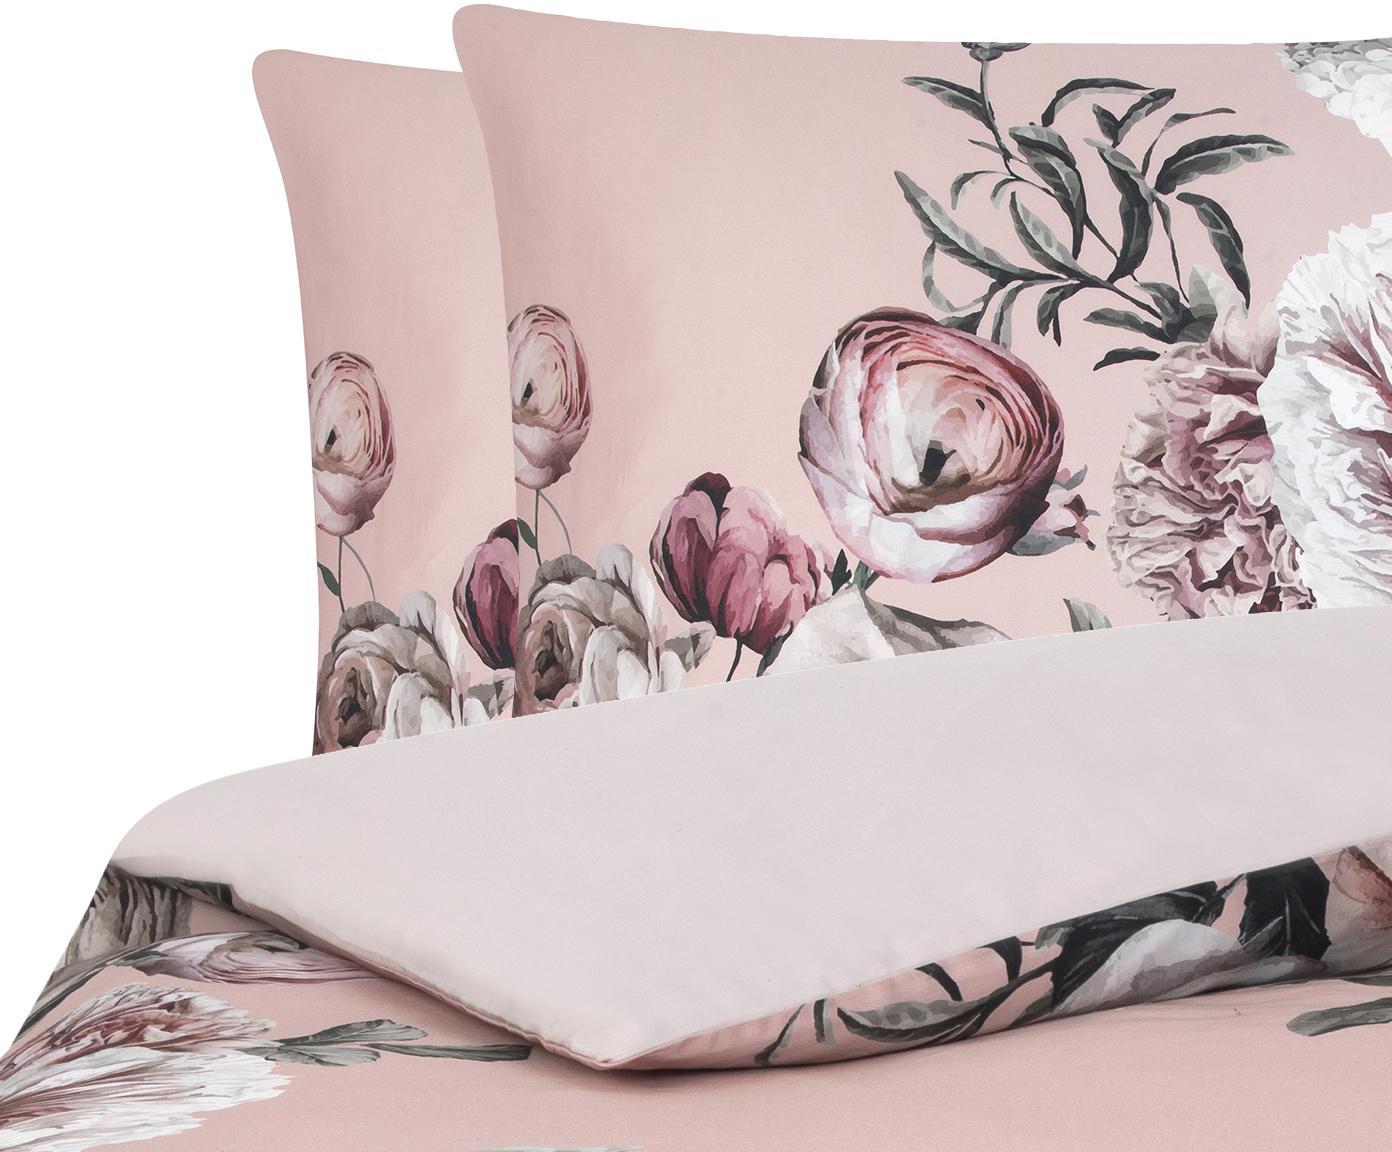 Baumwollsatin-Bettwäsche Blossom mit Blumen-Print, Webart: Satin Fadendichte 210 TC,, Mehrfarbig, Rosa, 200 x 200 cm + 2 Kissen 80 x 80 cm